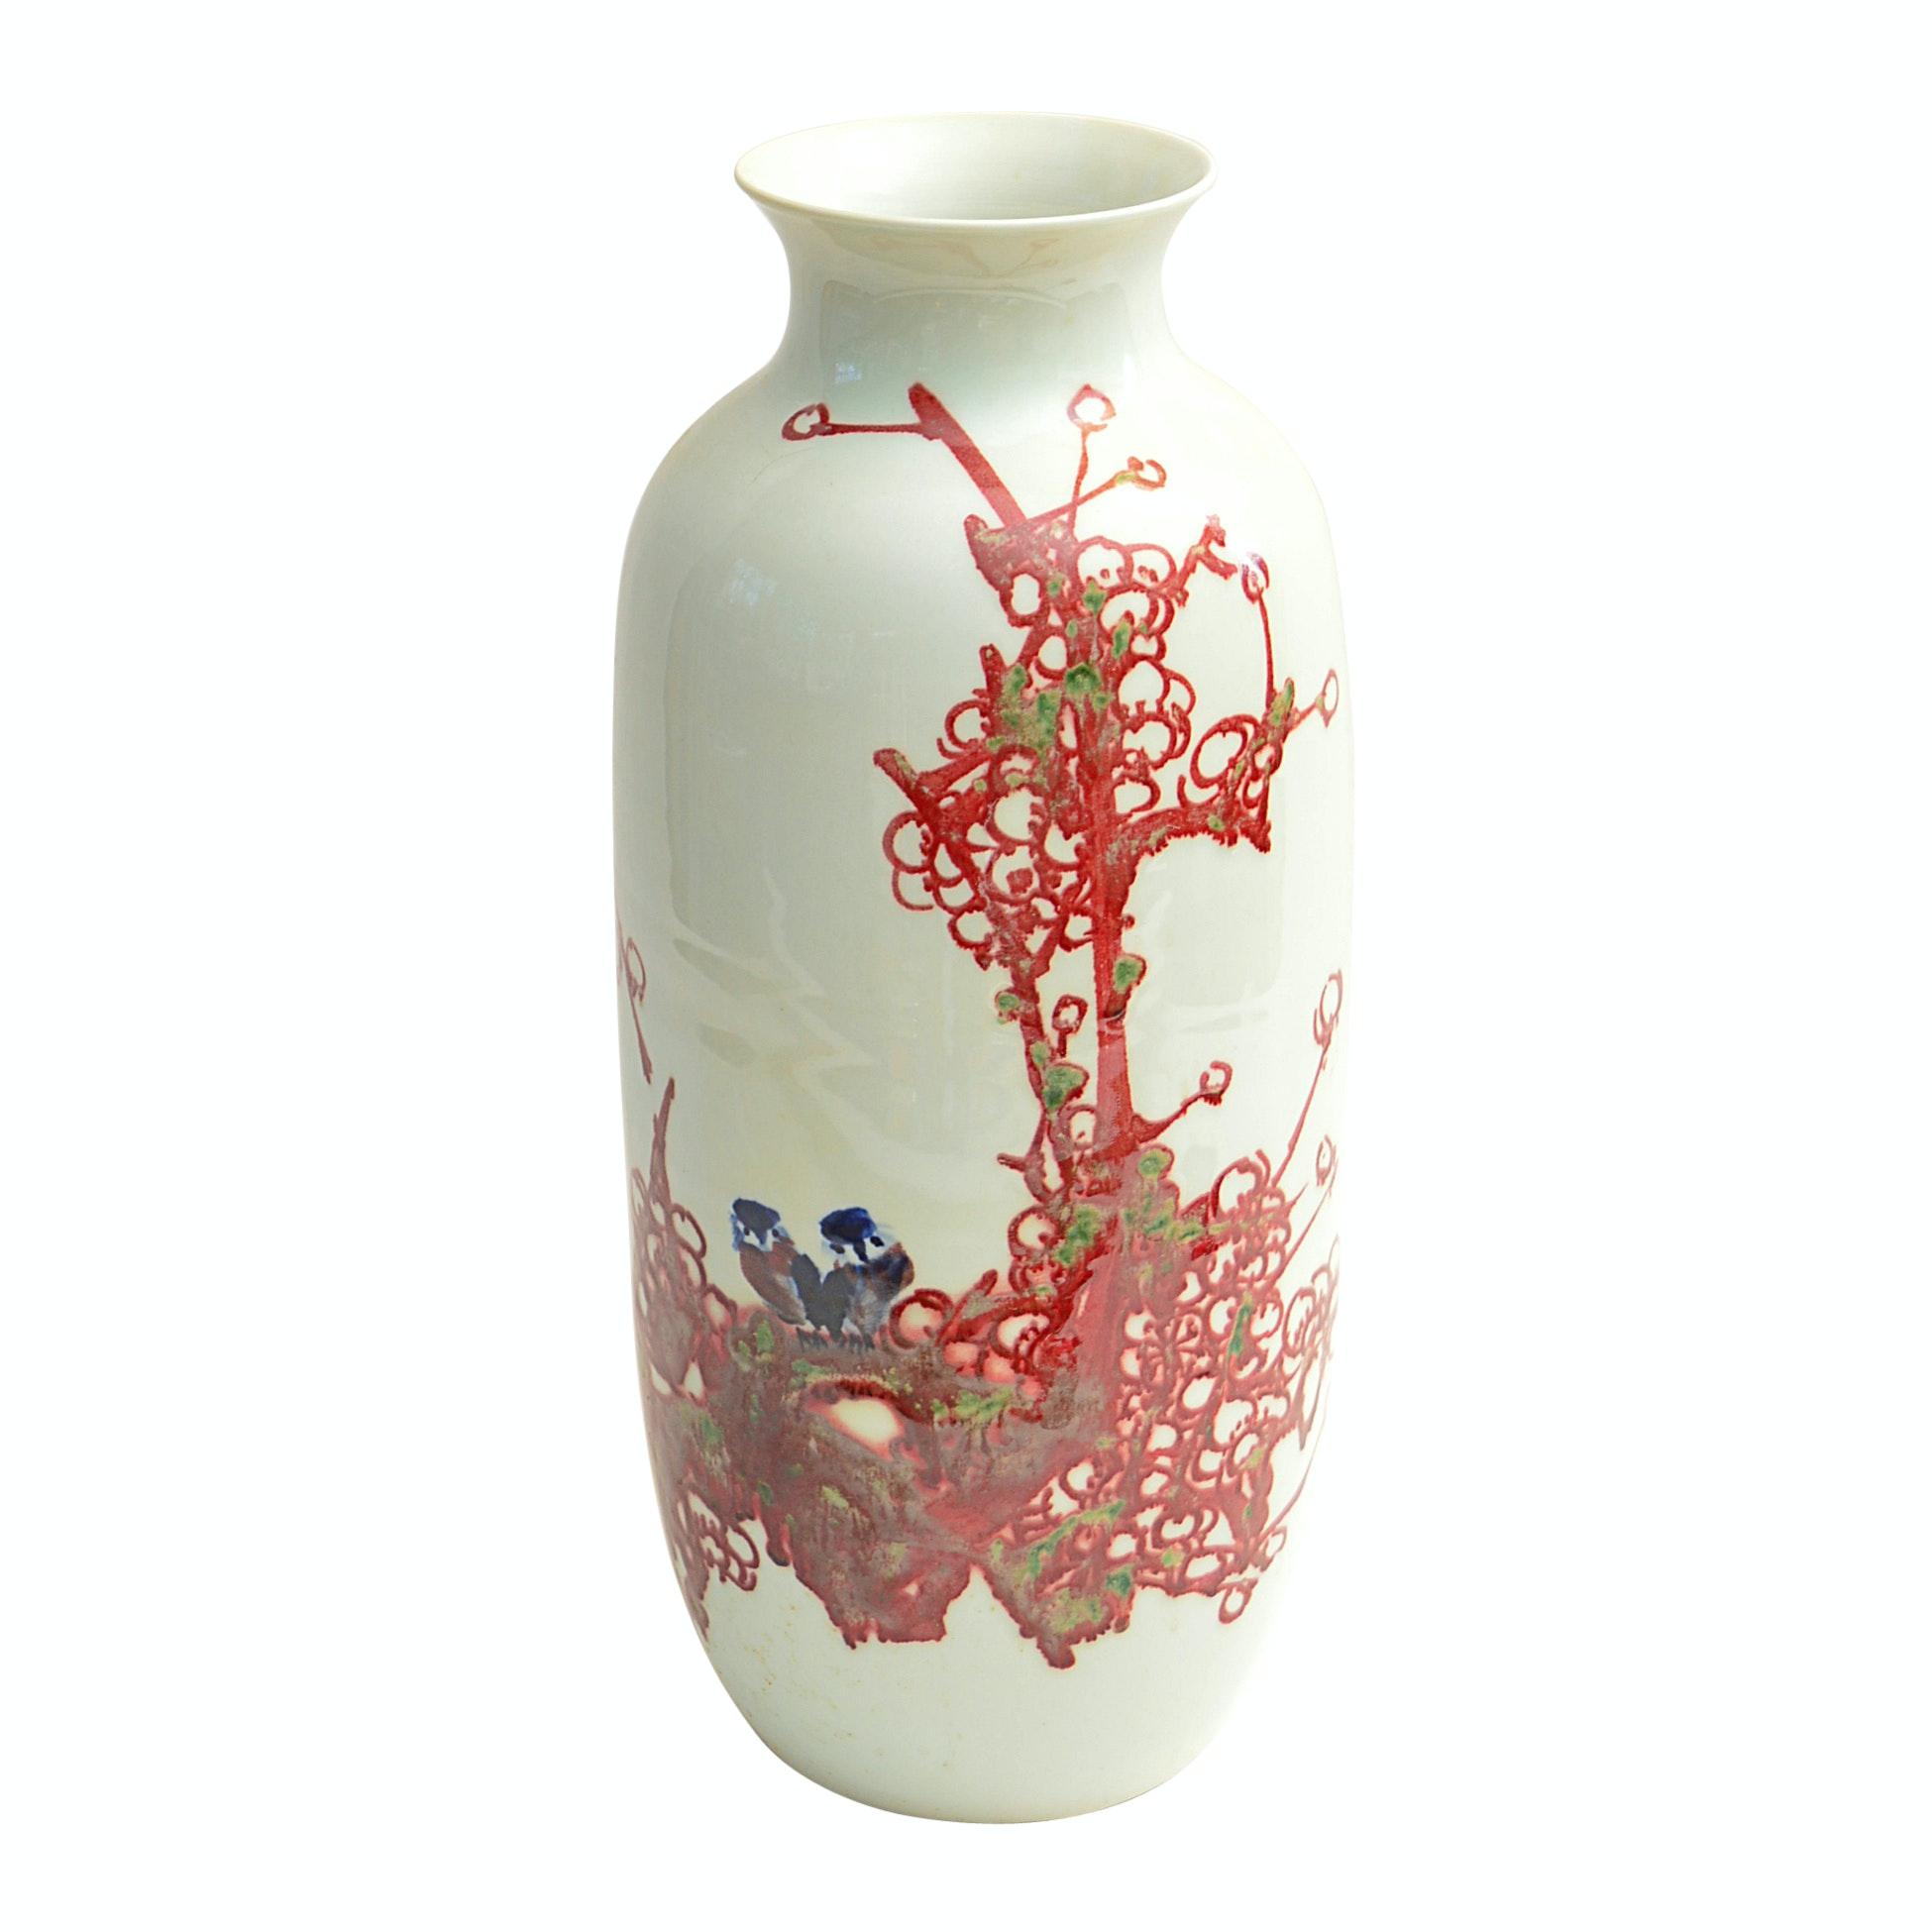 Chinese Porcelain Vase with Botanical Motifs